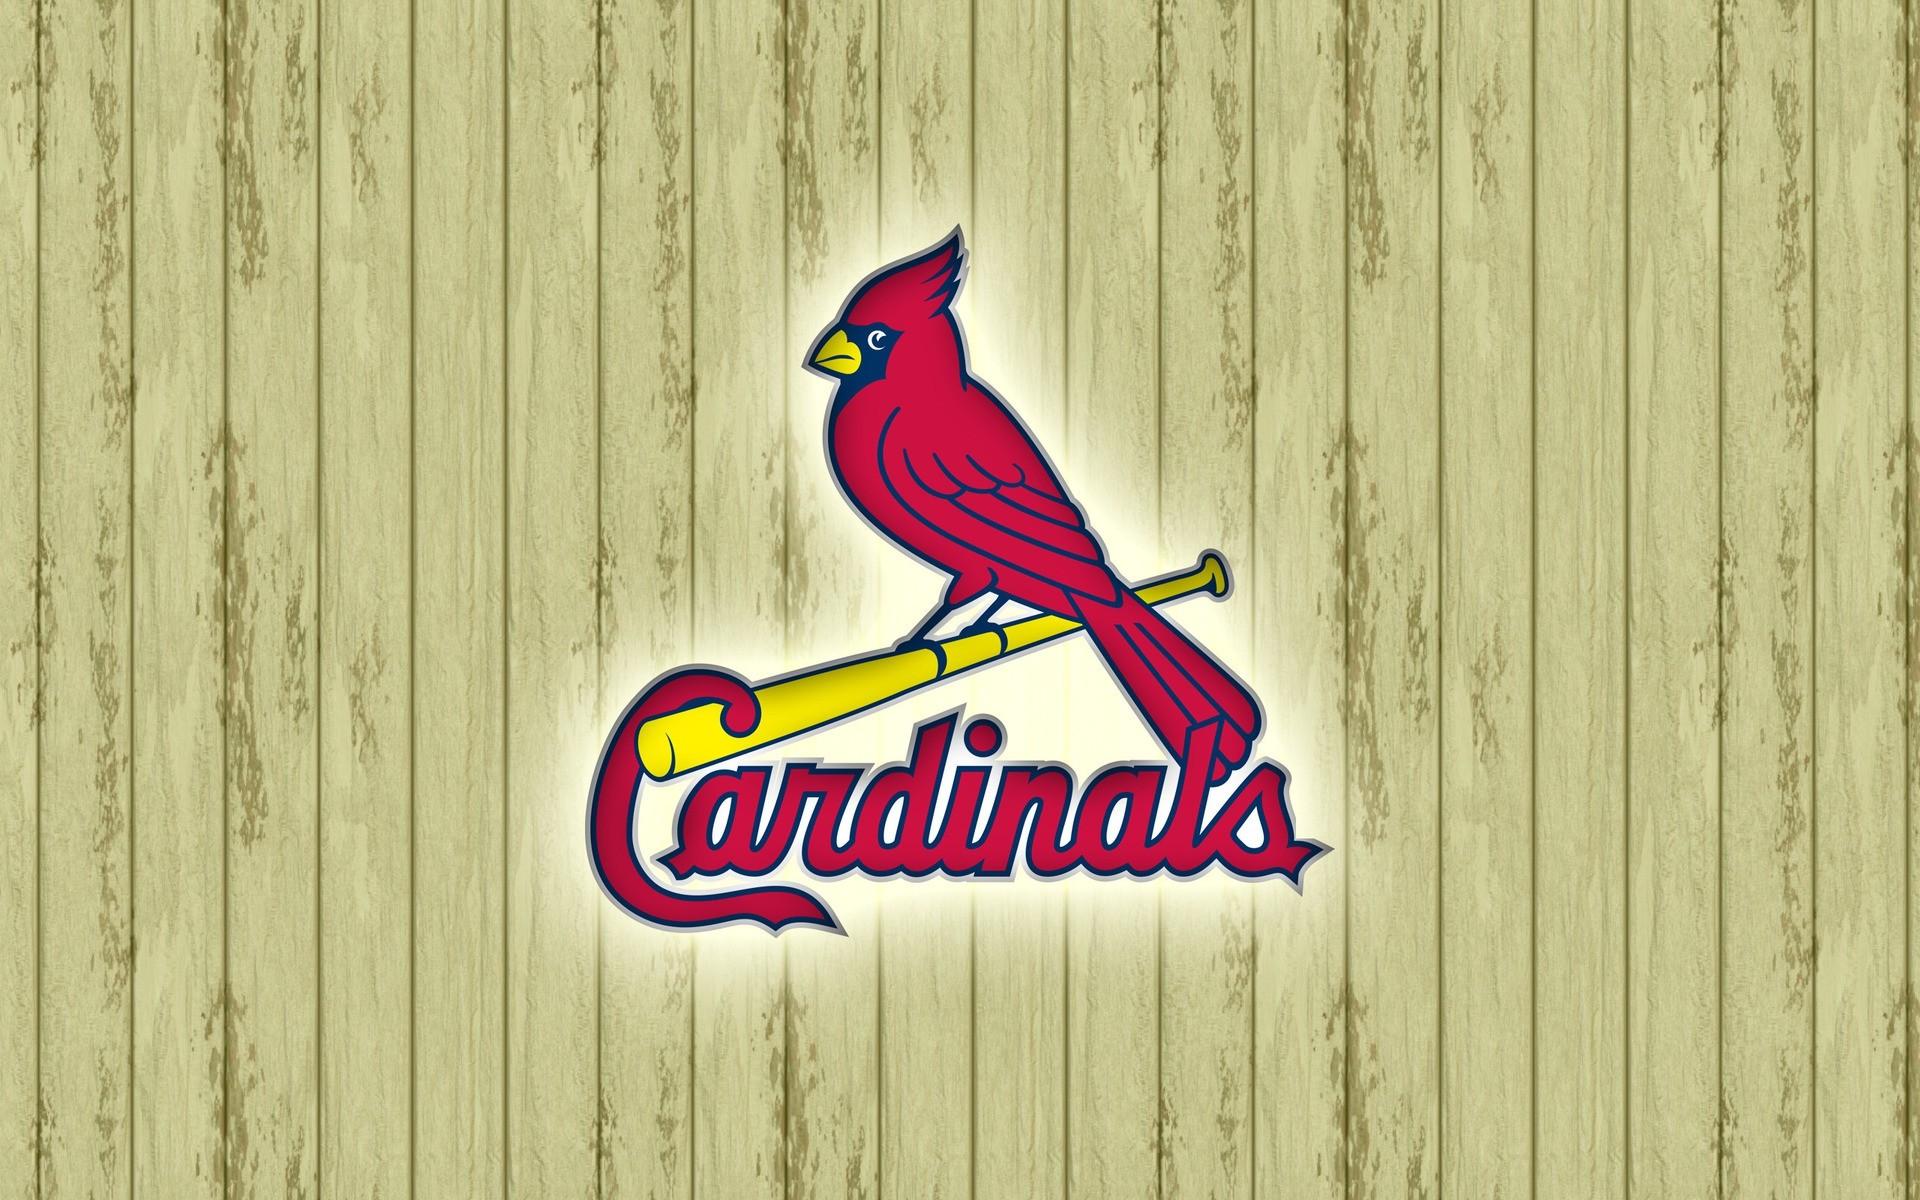 St.Louis Cardinals Wallpaper HD